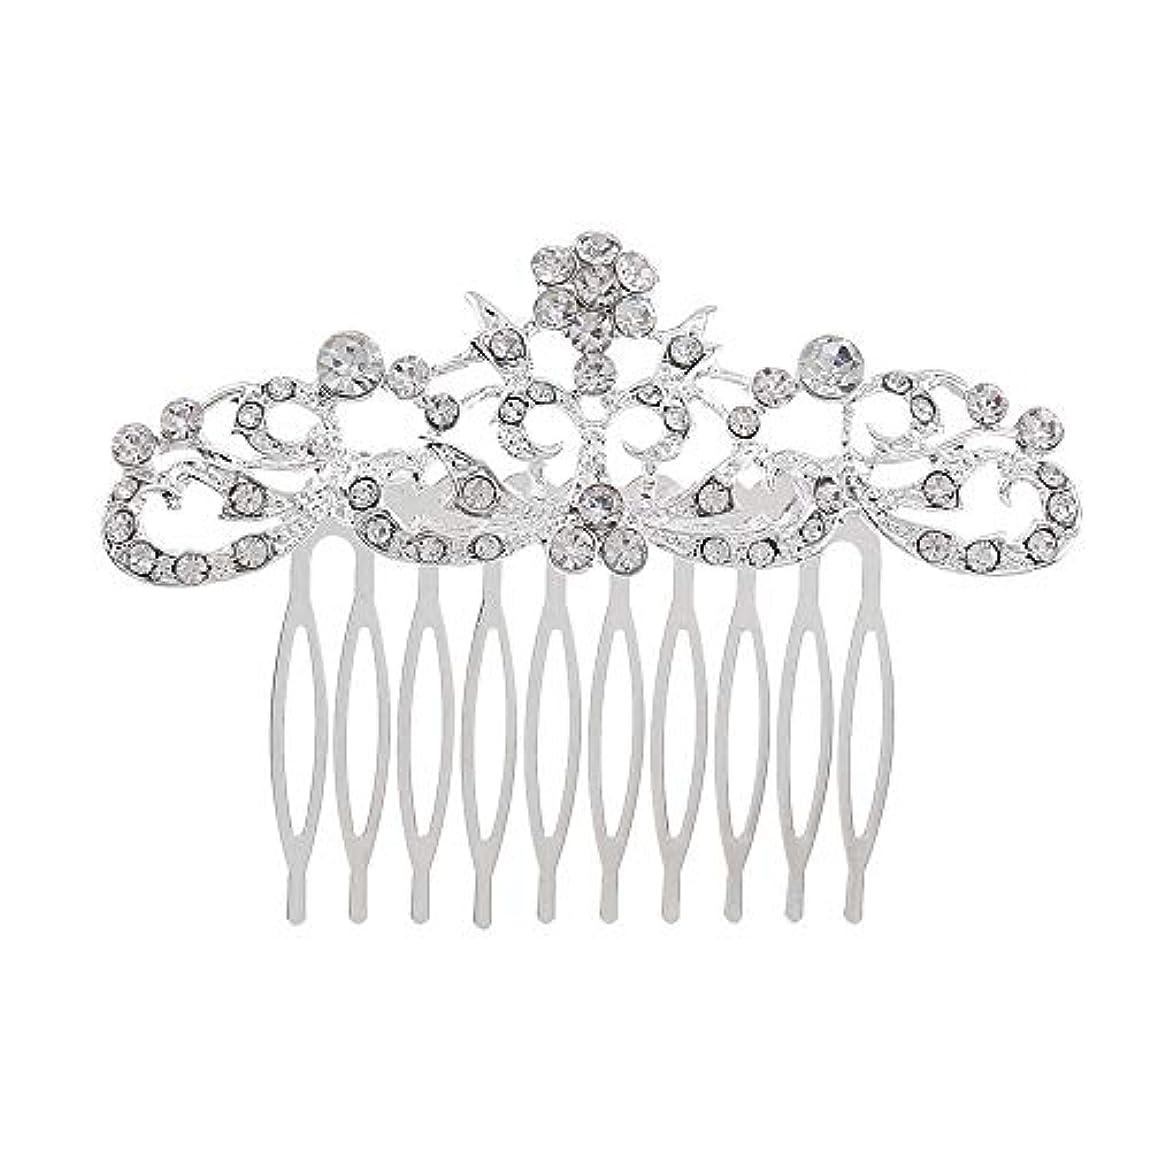 次美しい圧縮された髪の櫛の櫛の櫛の花嫁の髪の櫛のファッションラインストーンの櫛の櫛の花嫁の頭飾りの結婚式のアクセサリー